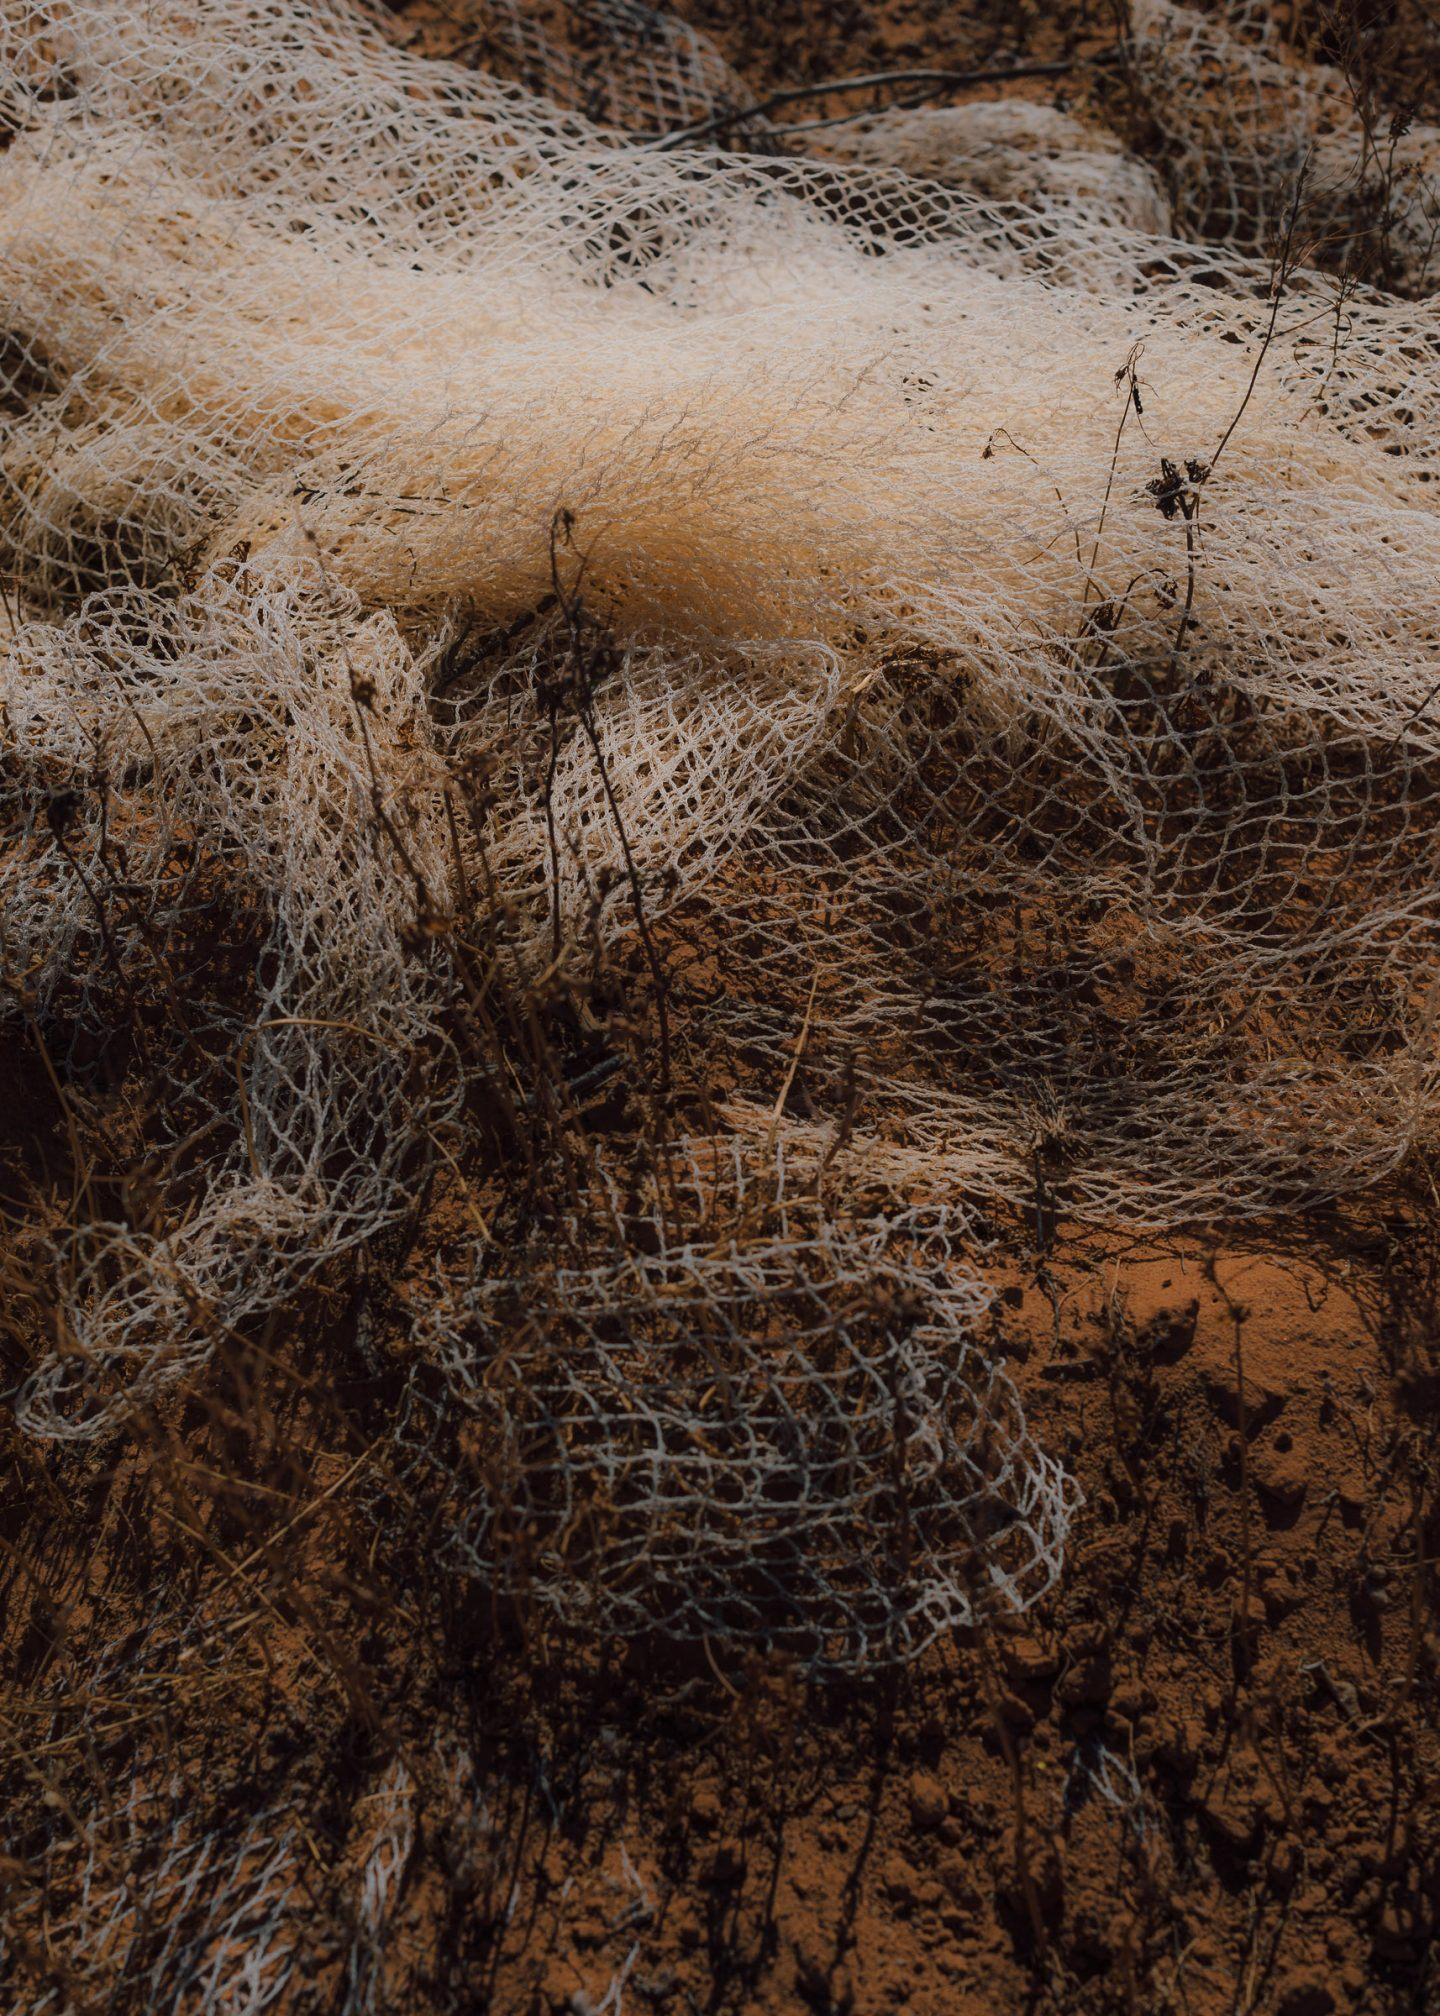 IGNANT-Photography-Daniel-Mueller-Strange-Bloke-20